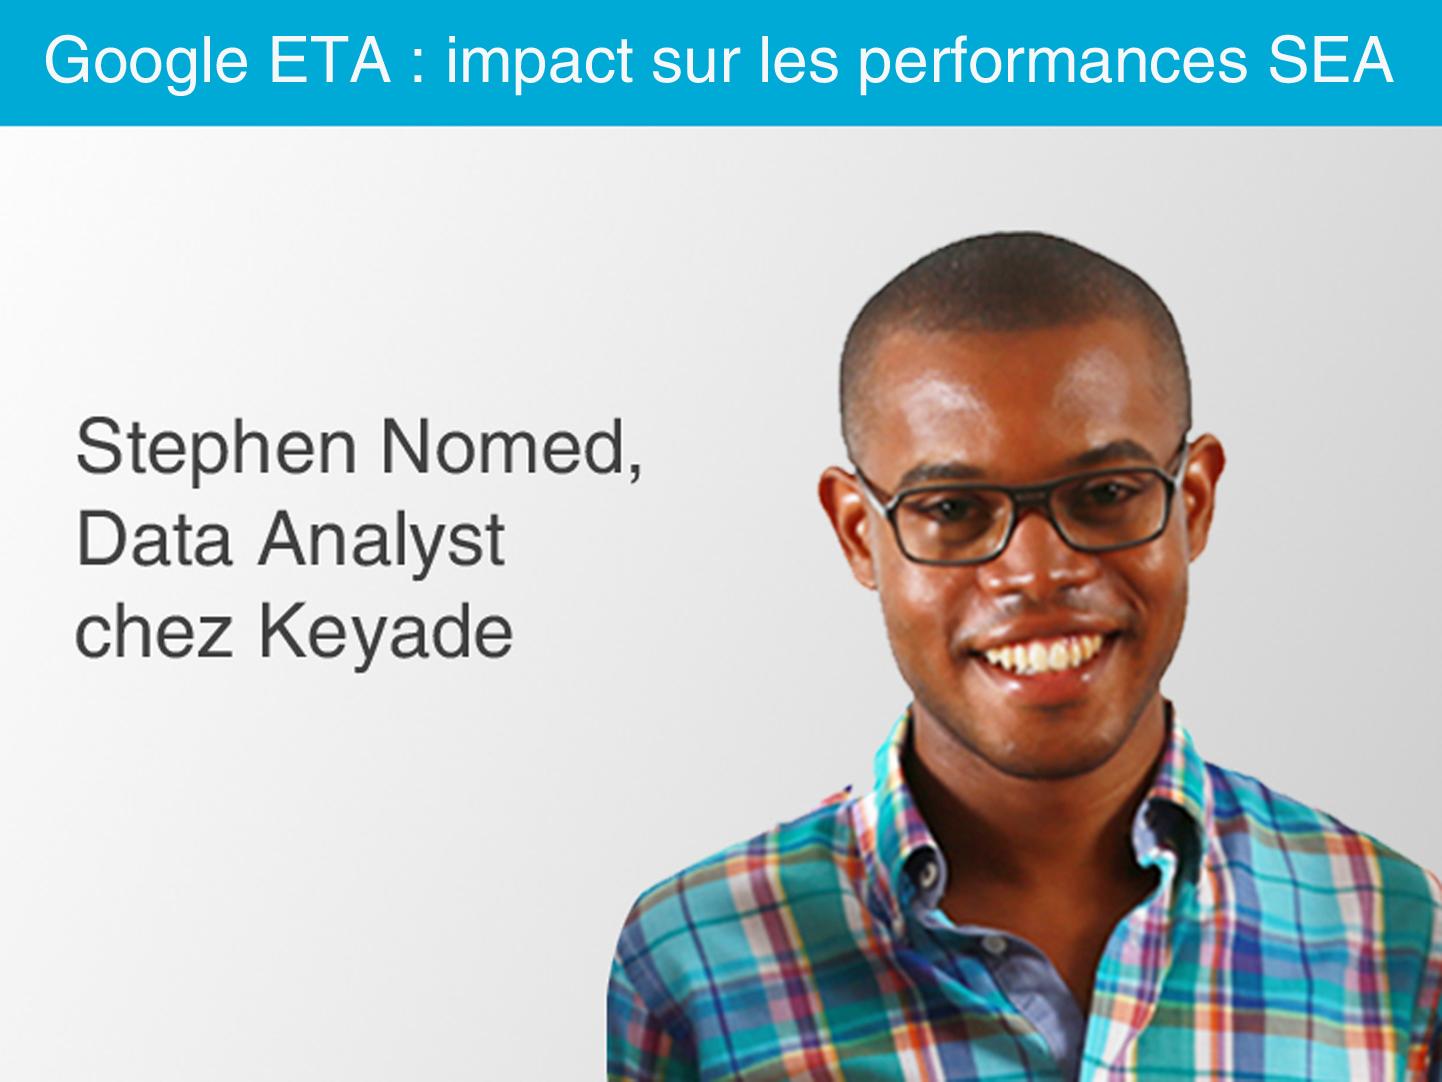 etude-keyade-impact-des annonces-ETA-sur-les-performances-sea